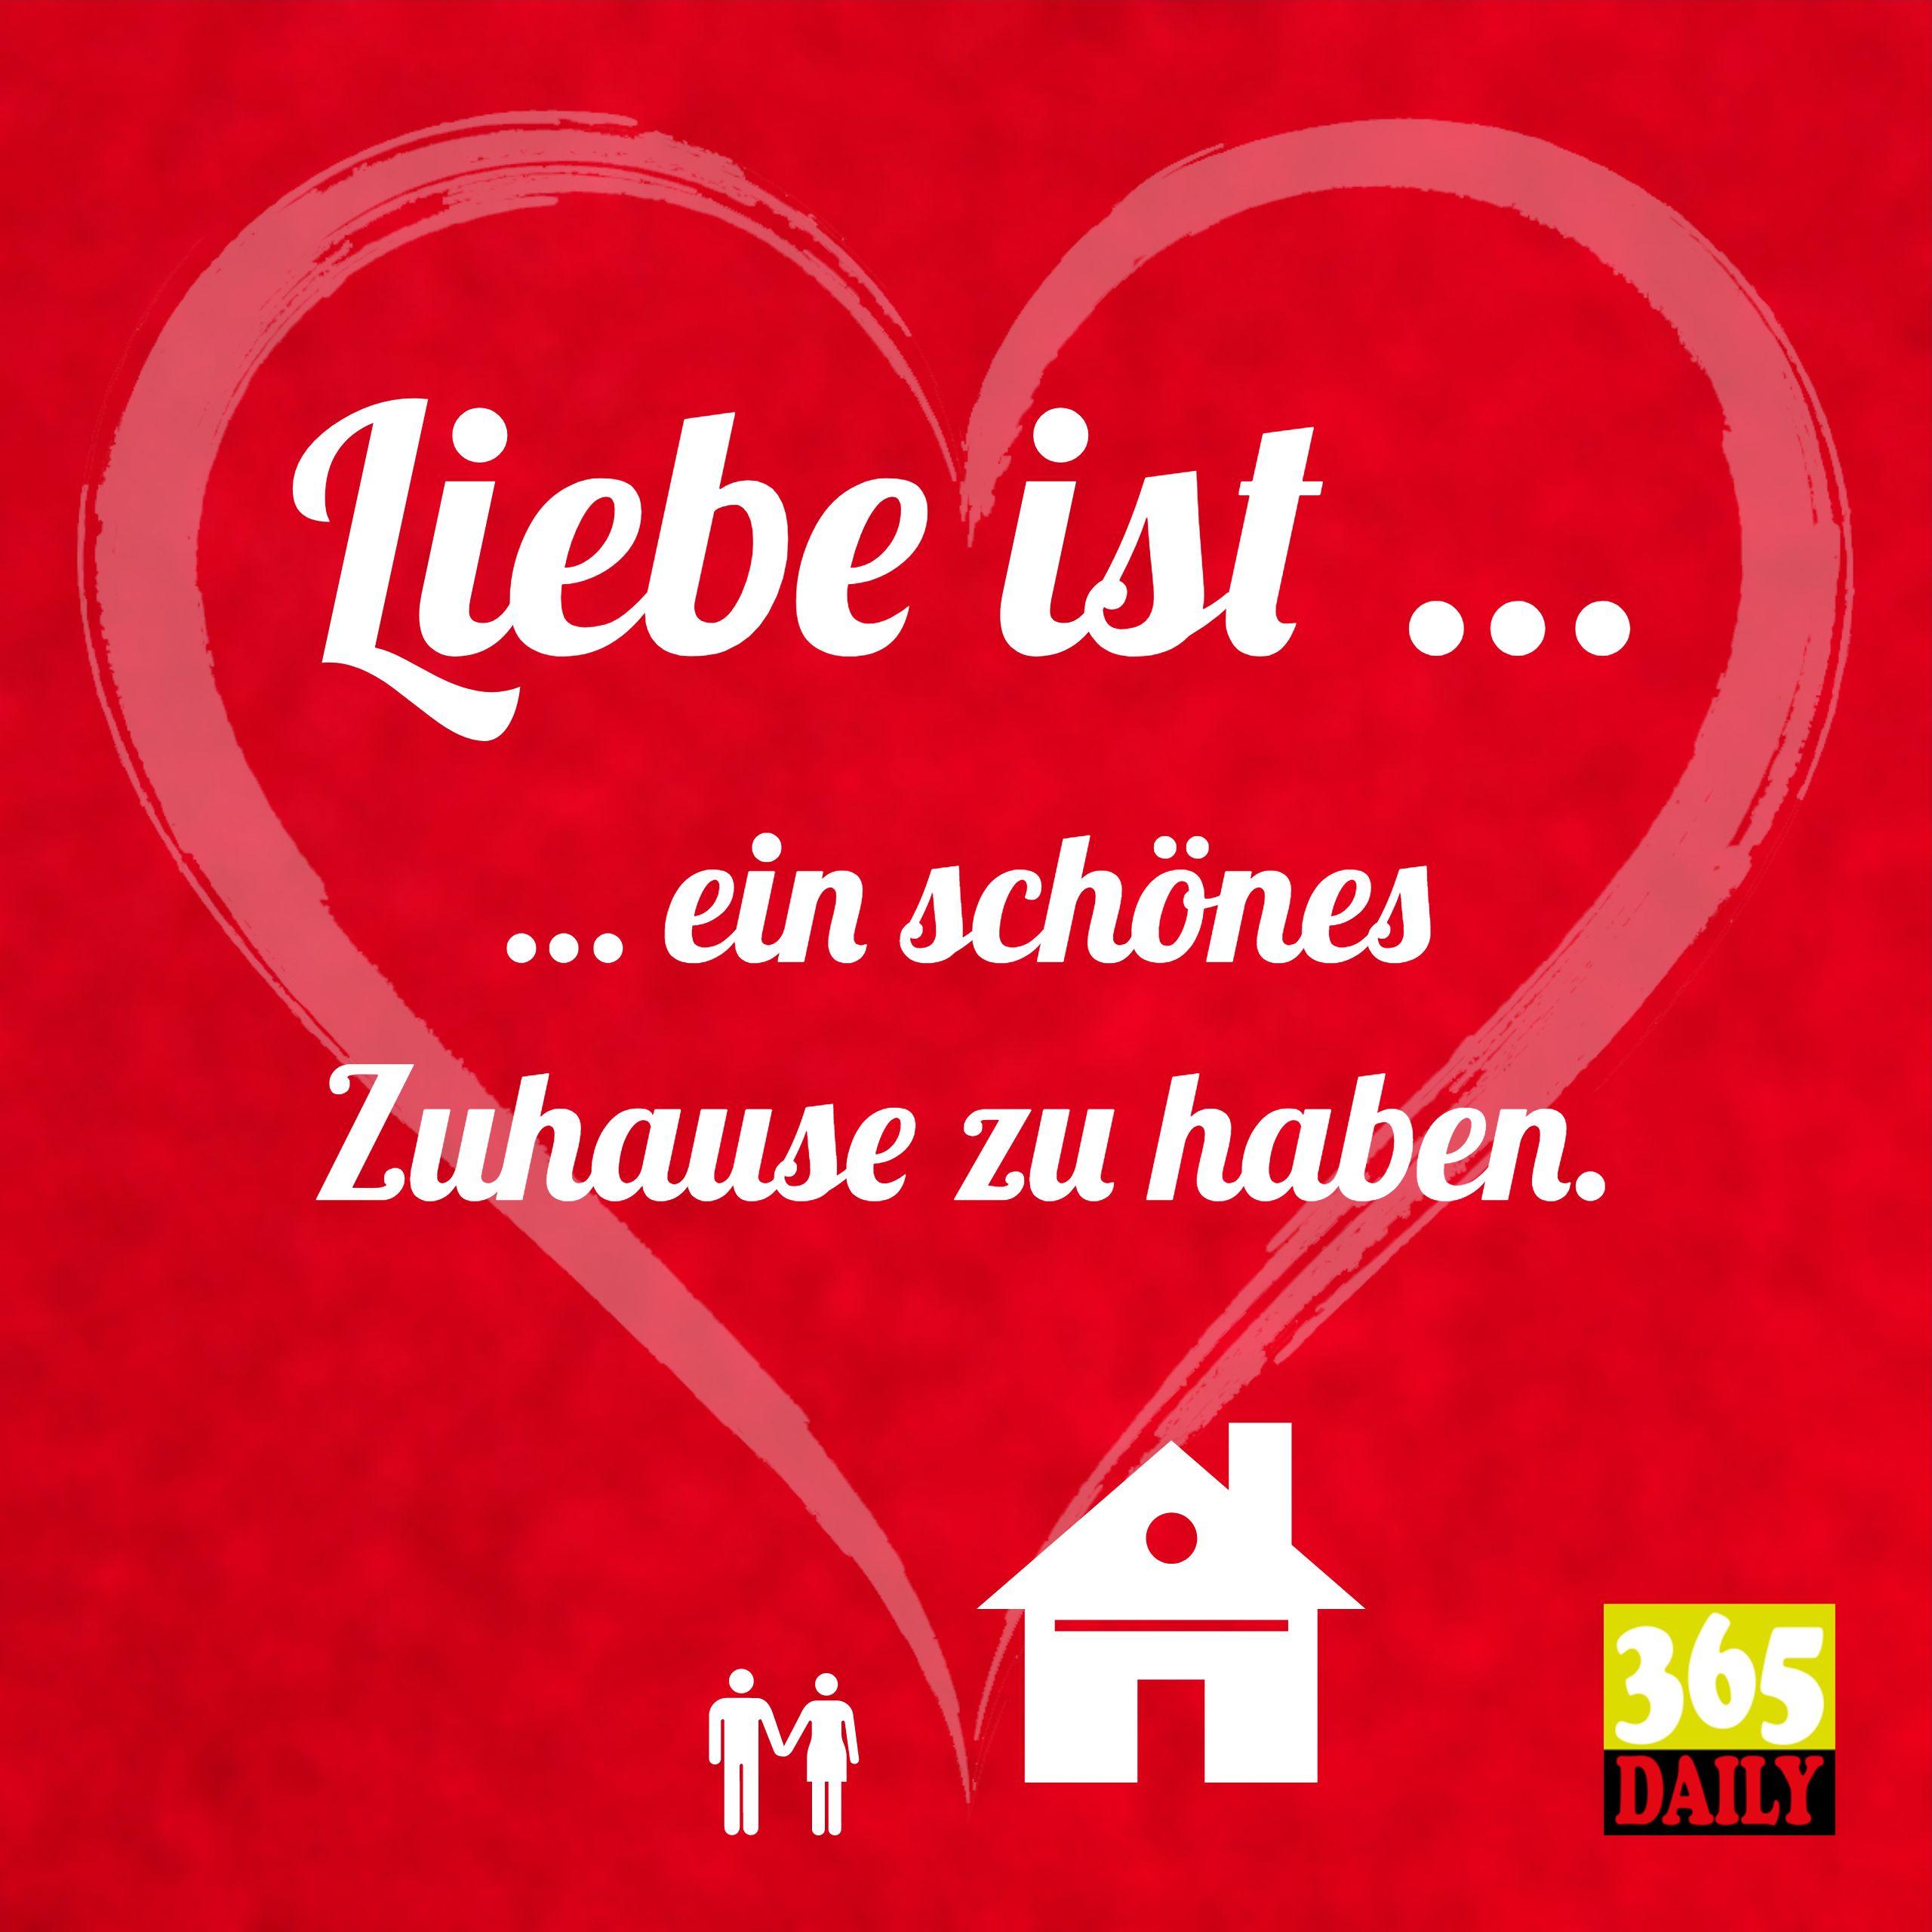 Liebe ist … süßer als Nutella. #Liebe #Liebende #Liebhaber #Geliebte ...